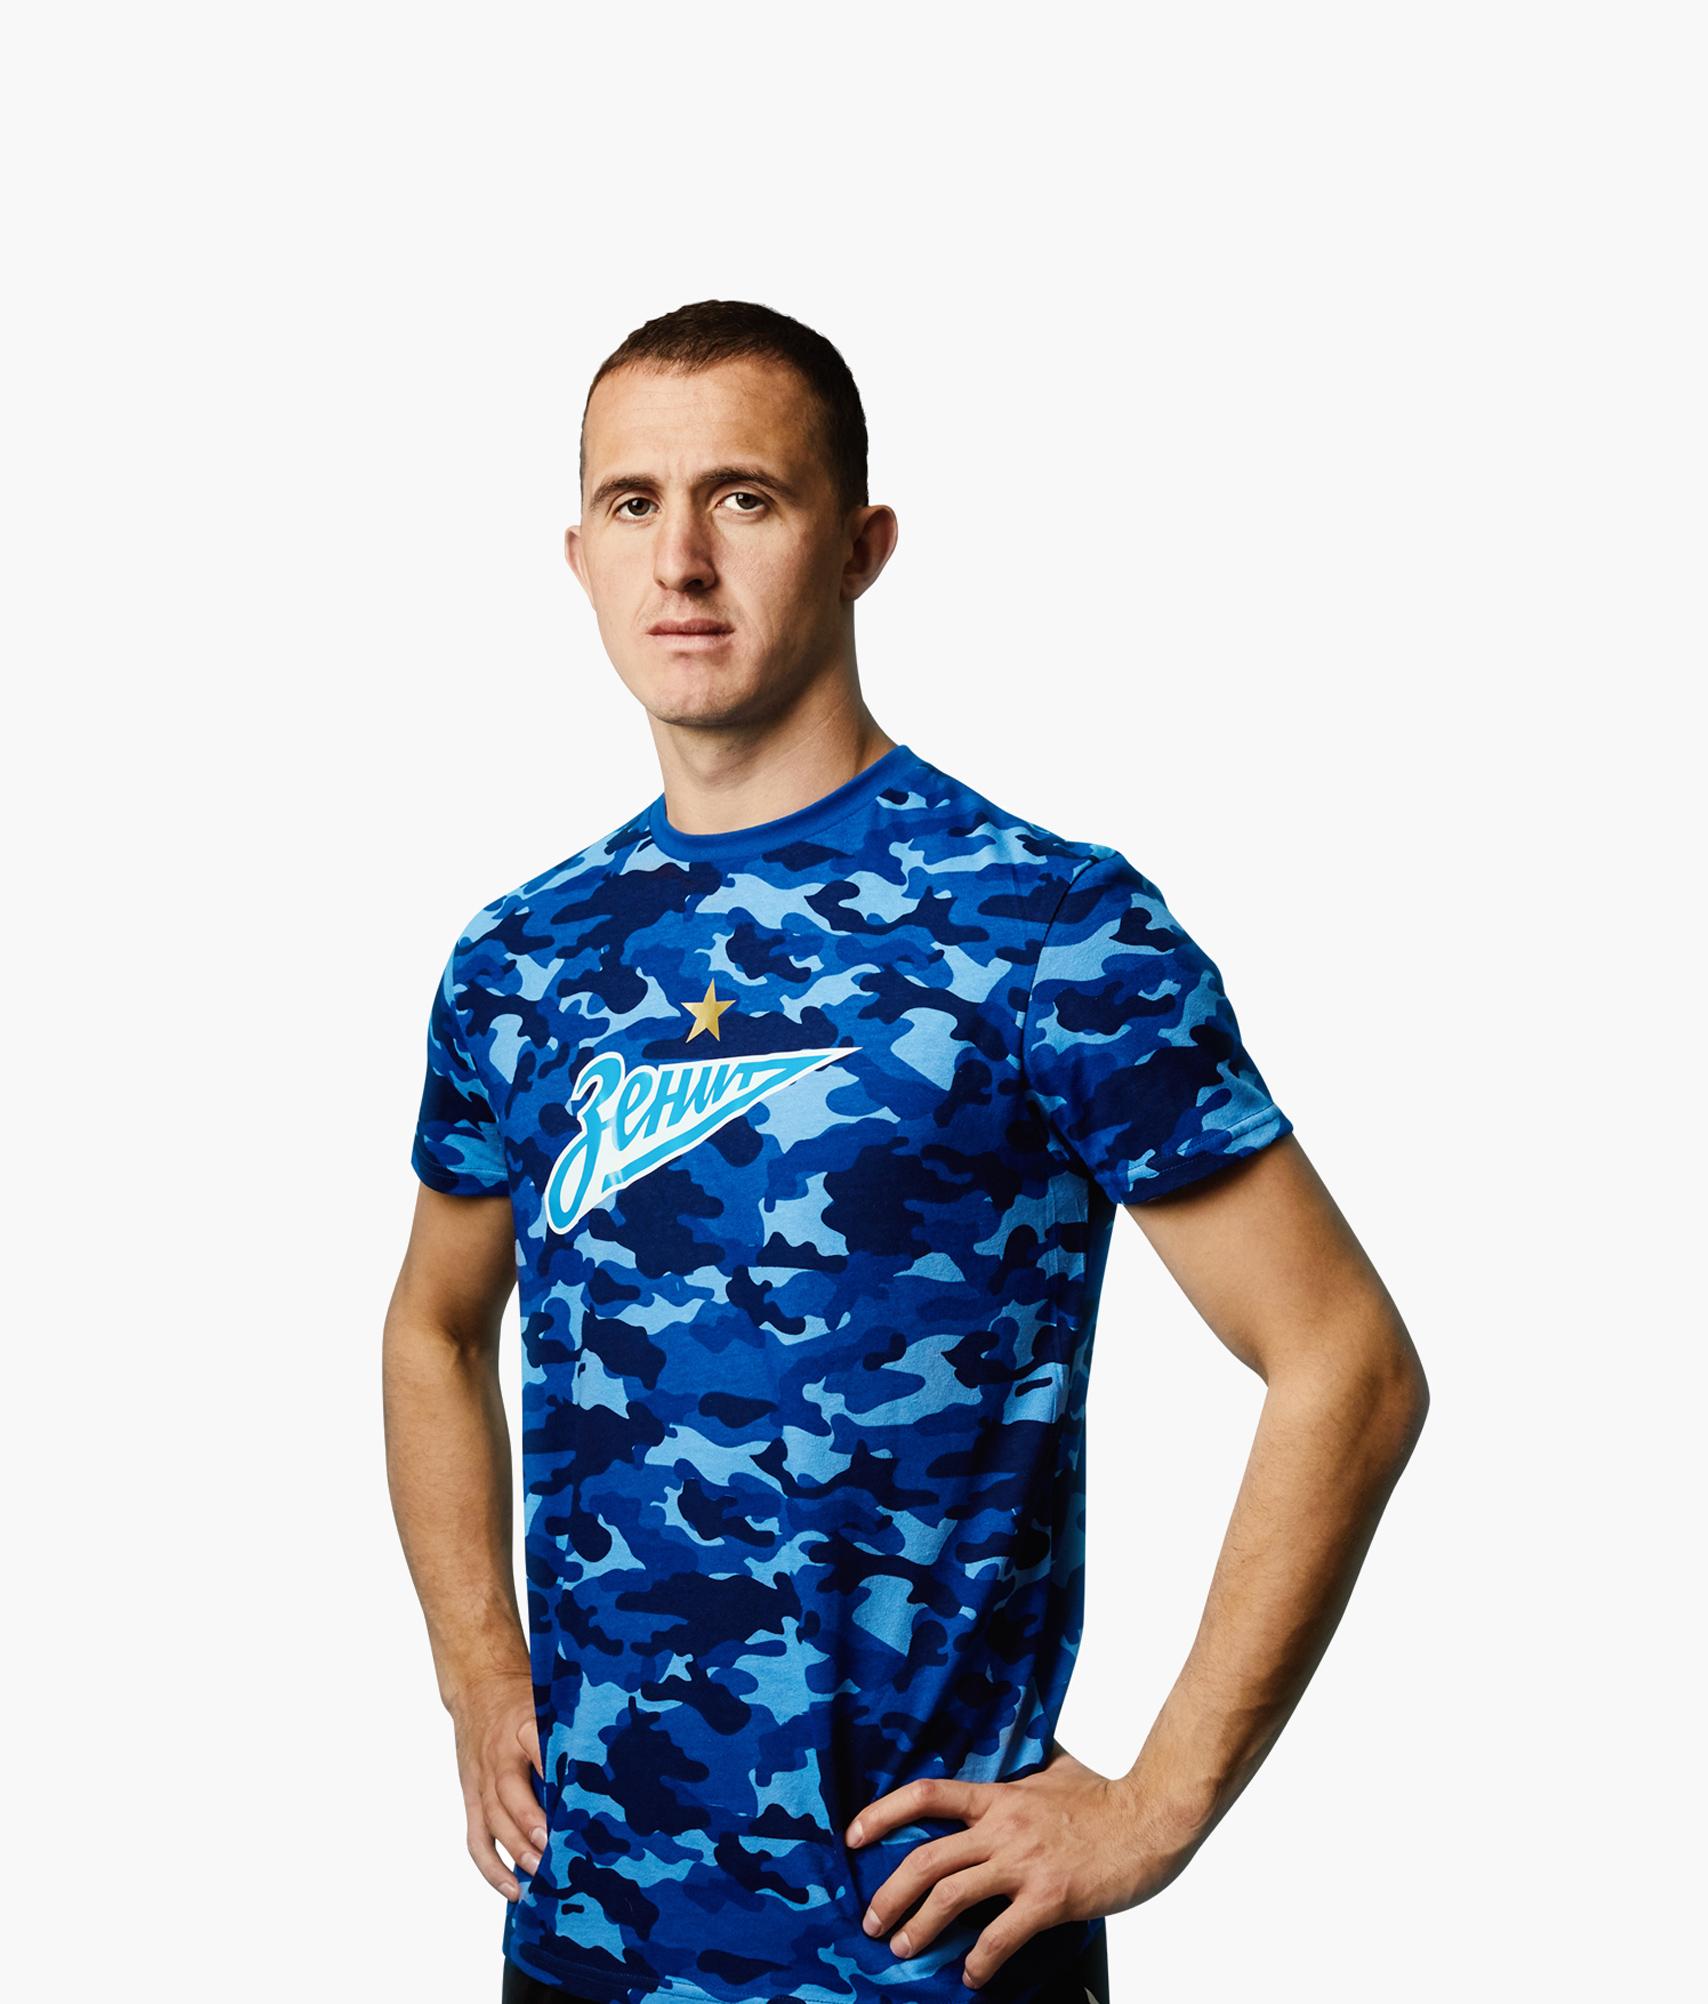 Футболка мужская Камуфляж Зенит Цвет-Синий футболка мужская columbia f цвет синий 1839971 403 размер xxl 56 58